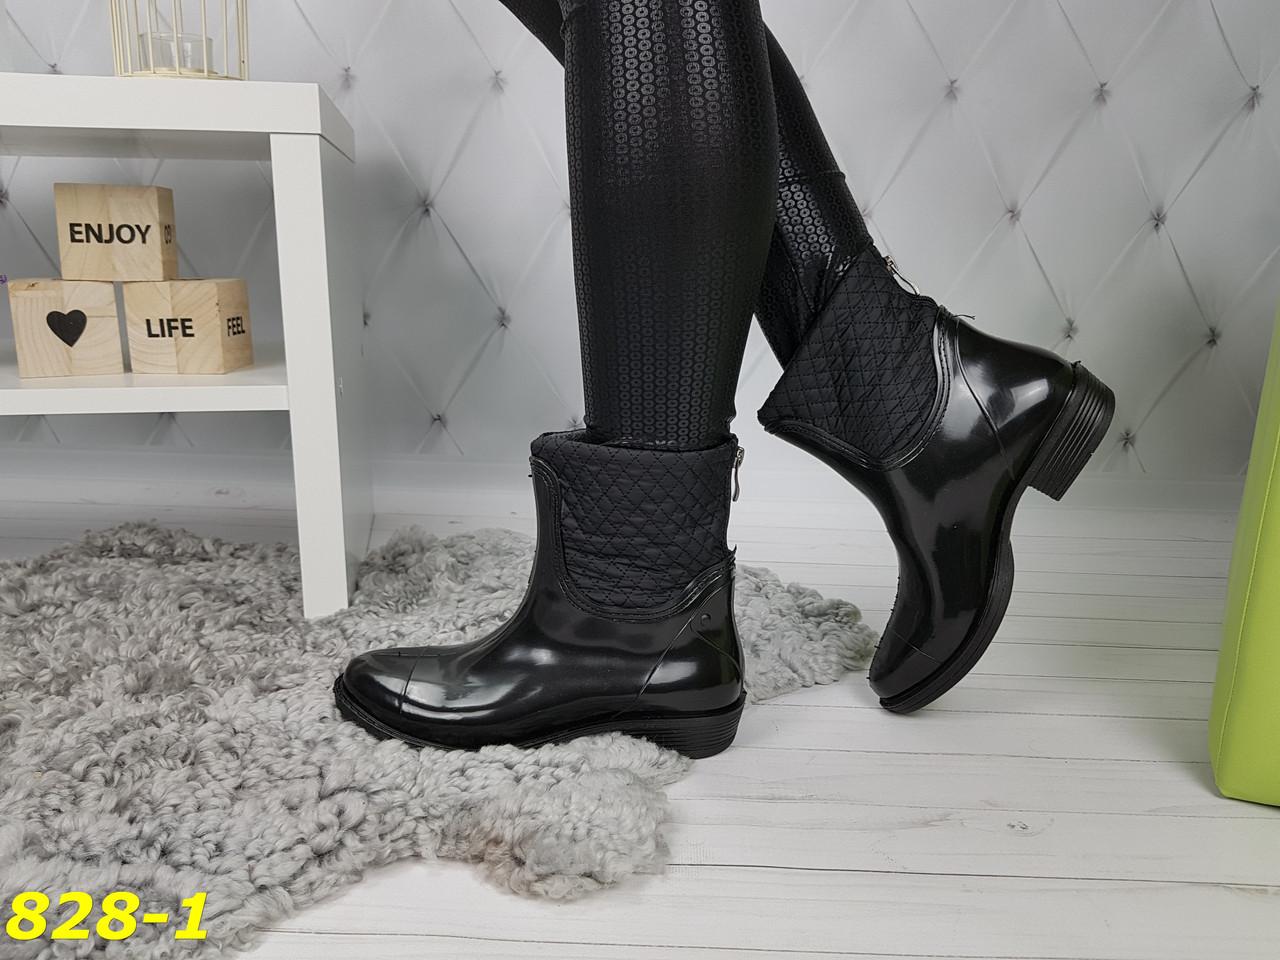 f3f7de049 Полусапожки ботинки резиновые непромокаемые утепленные со змейкой сзади -  Интернет - магазин модной обуви и одежды